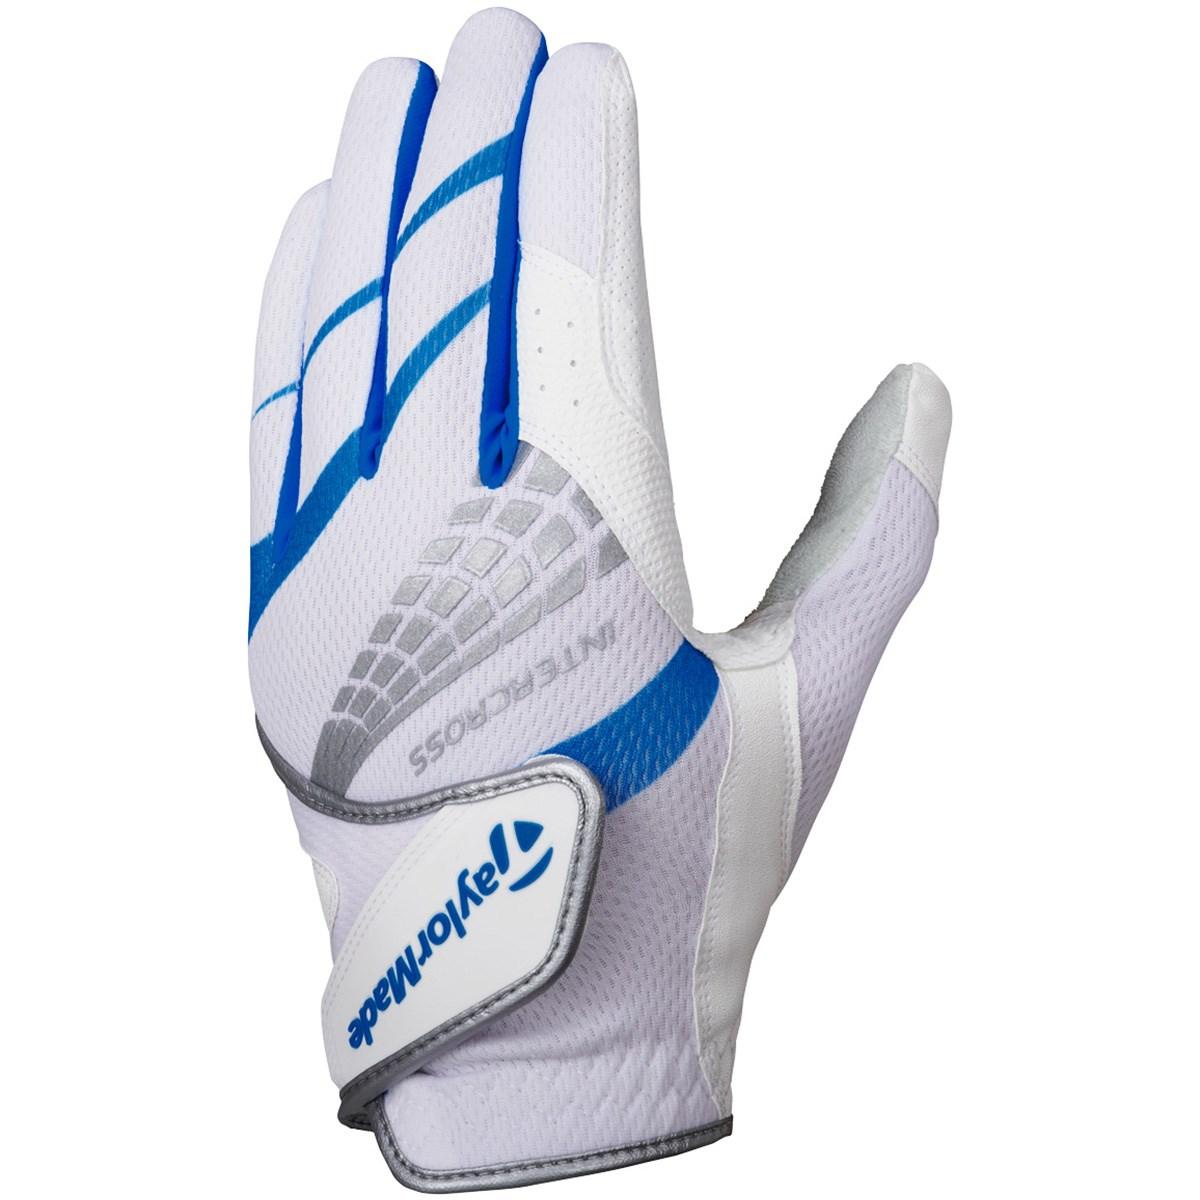 テーラーメイド Taylor Made インタークロス クール 3.0 グローブ 22cm 左手着用(右利き用) ホワイト/ブルー